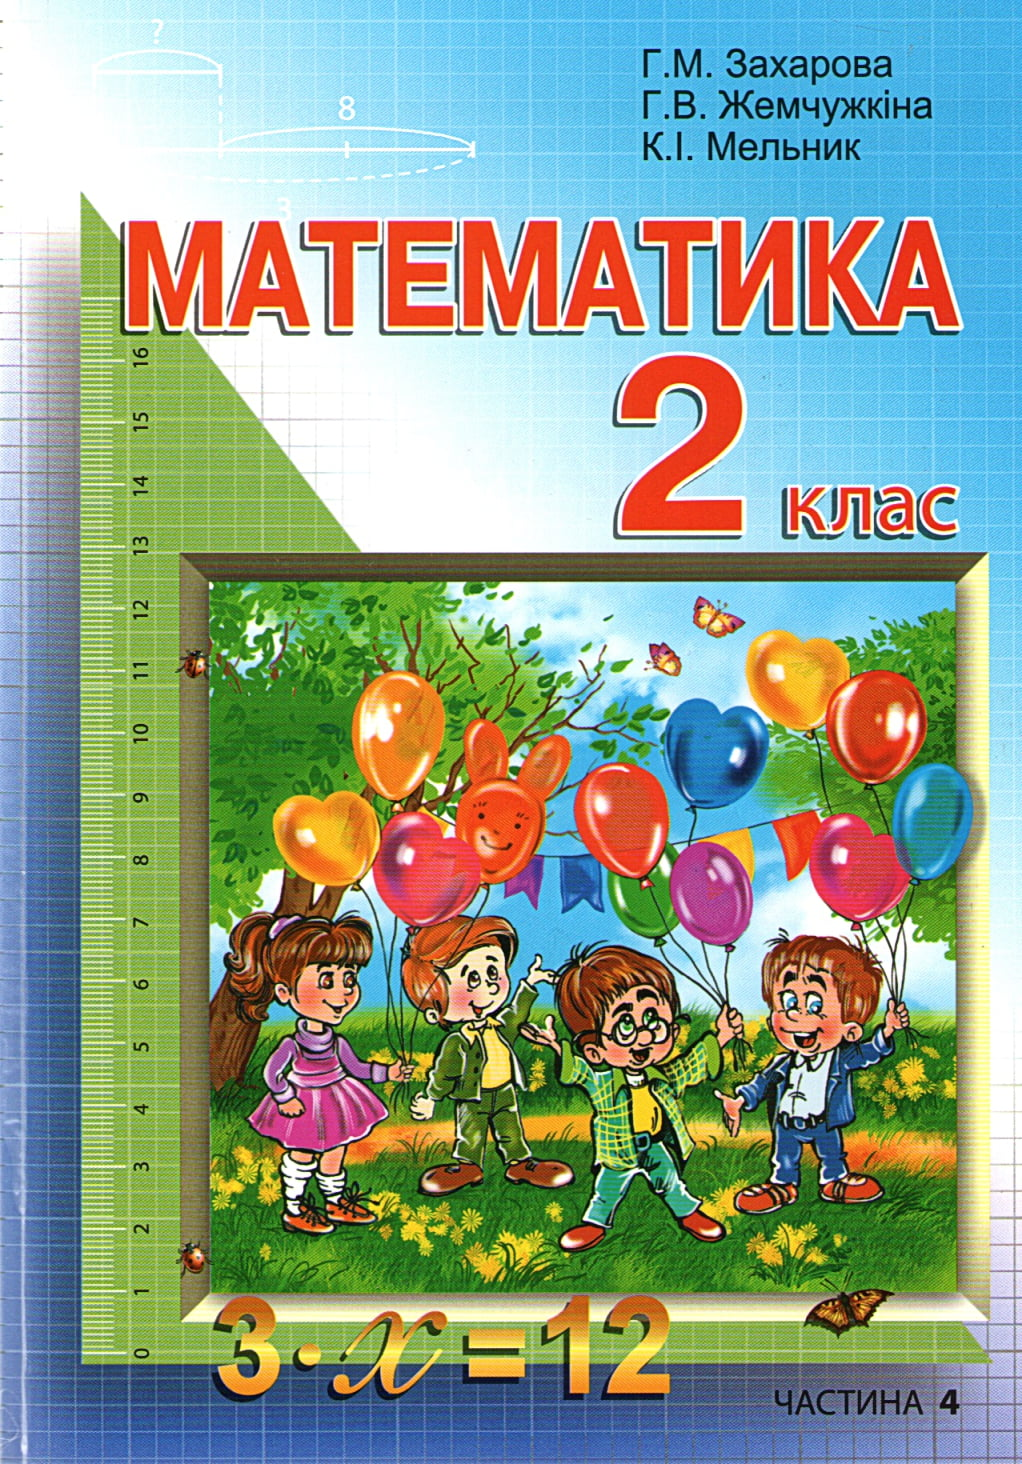 Математика 2 клас Зошит-підручник Частина 4 Захарова Р. Жемчужкіна Р. Мельник К.